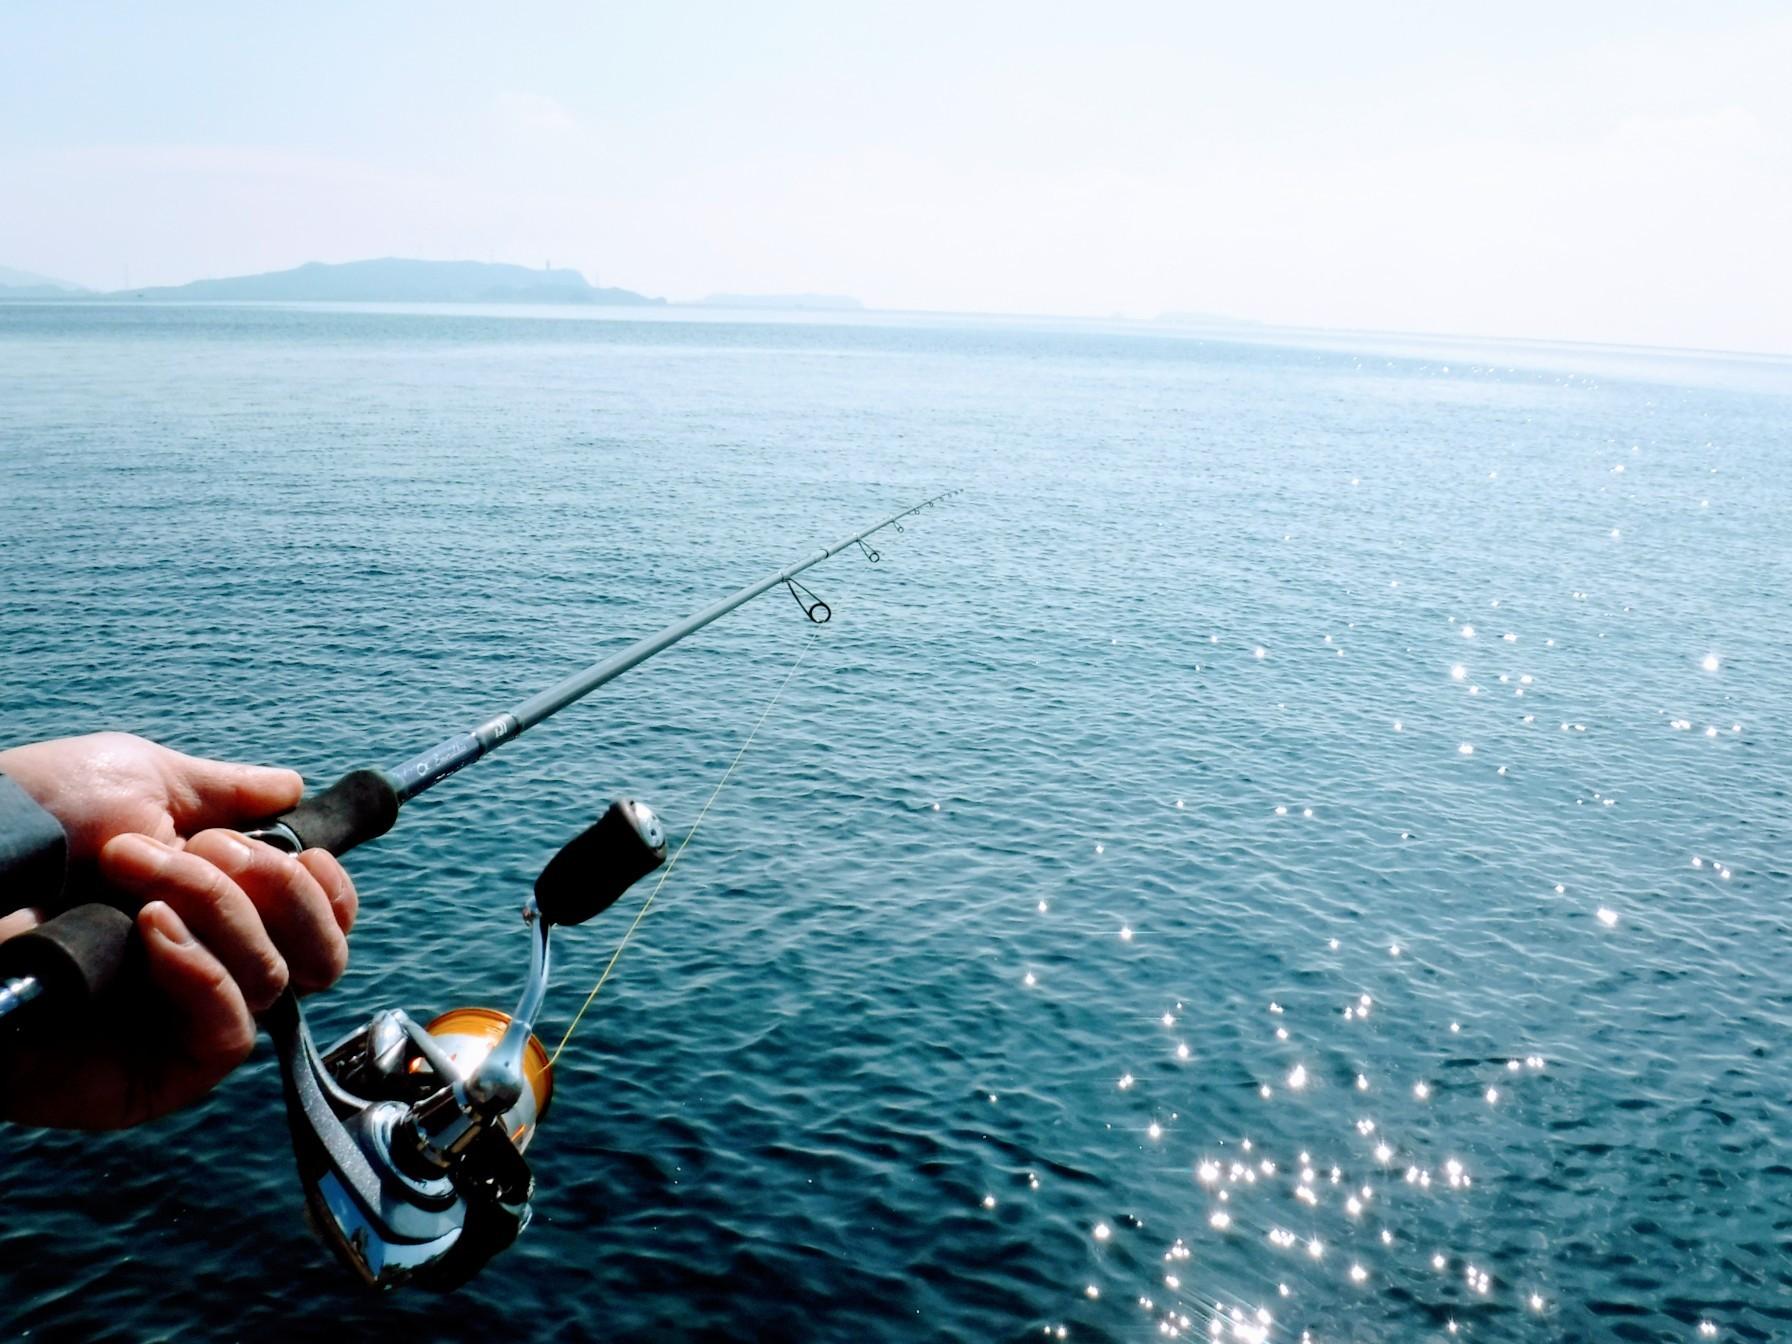 長崎の海で釣り_d0195183_00543263.jpg